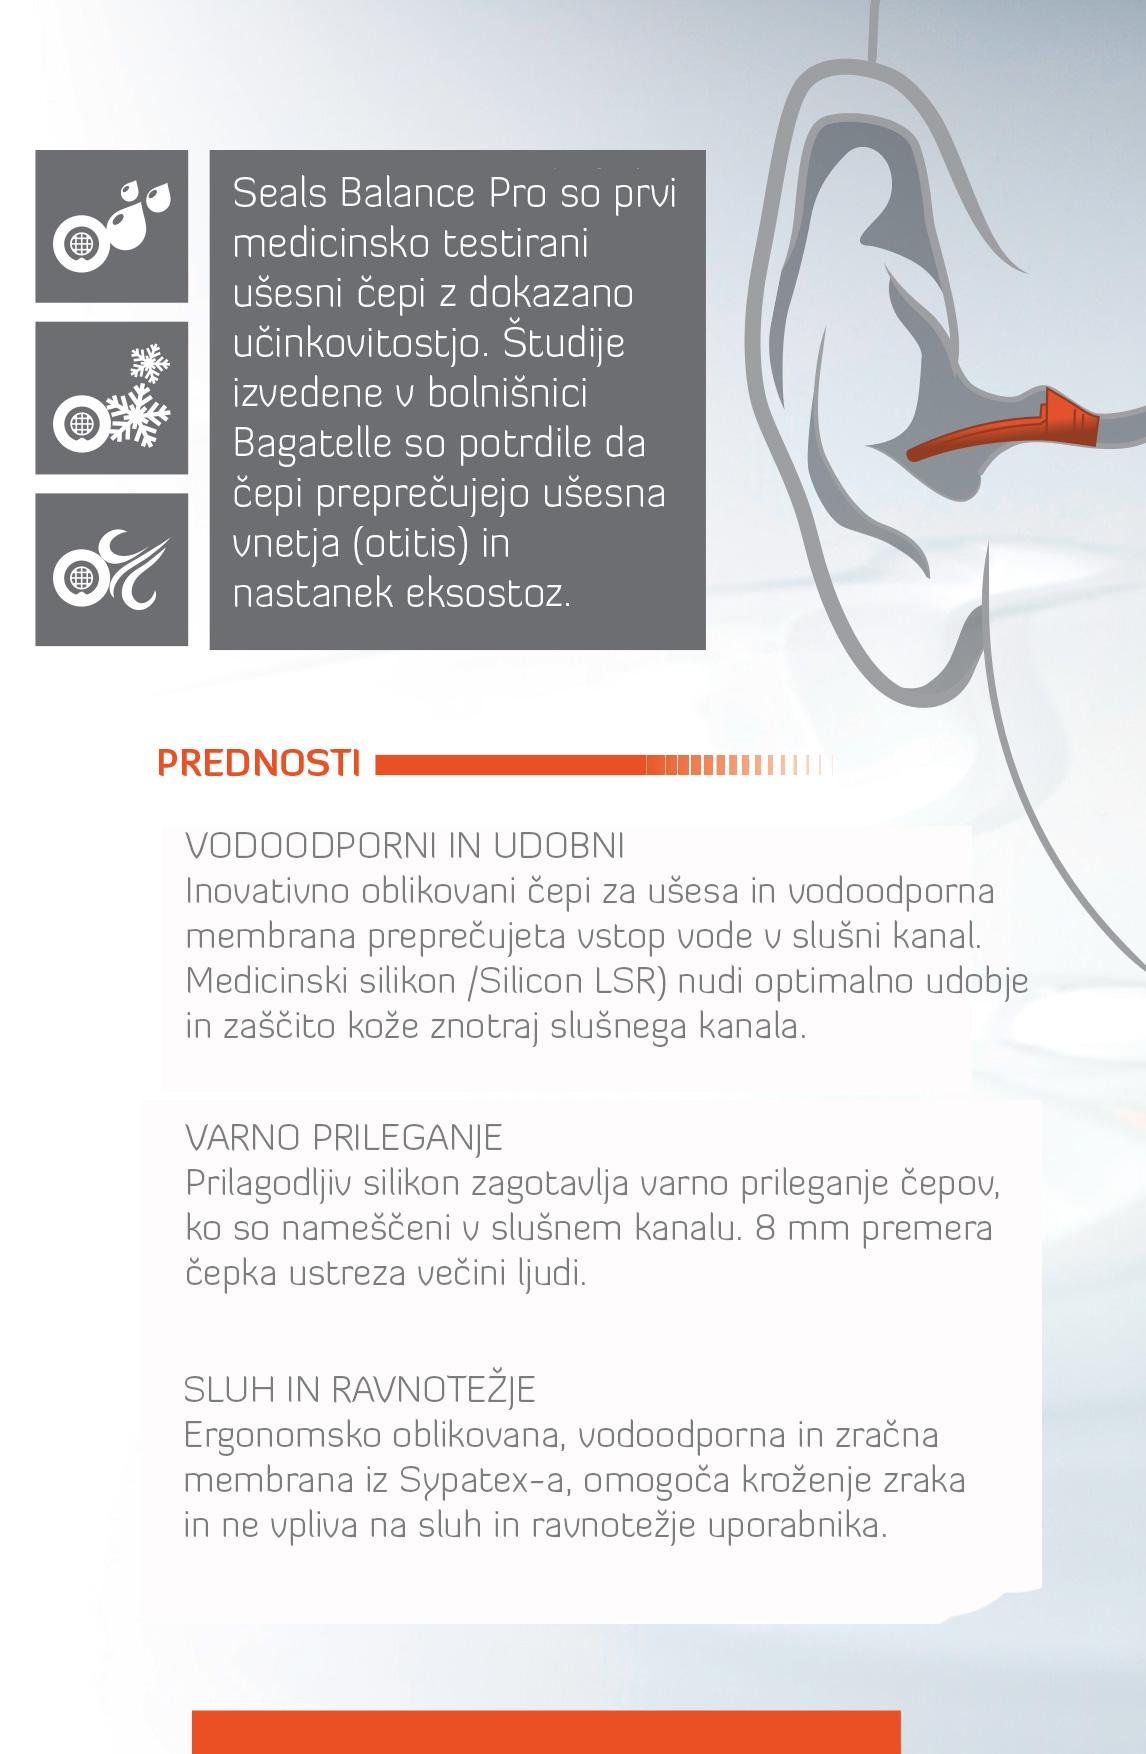 prdnosti-cepov